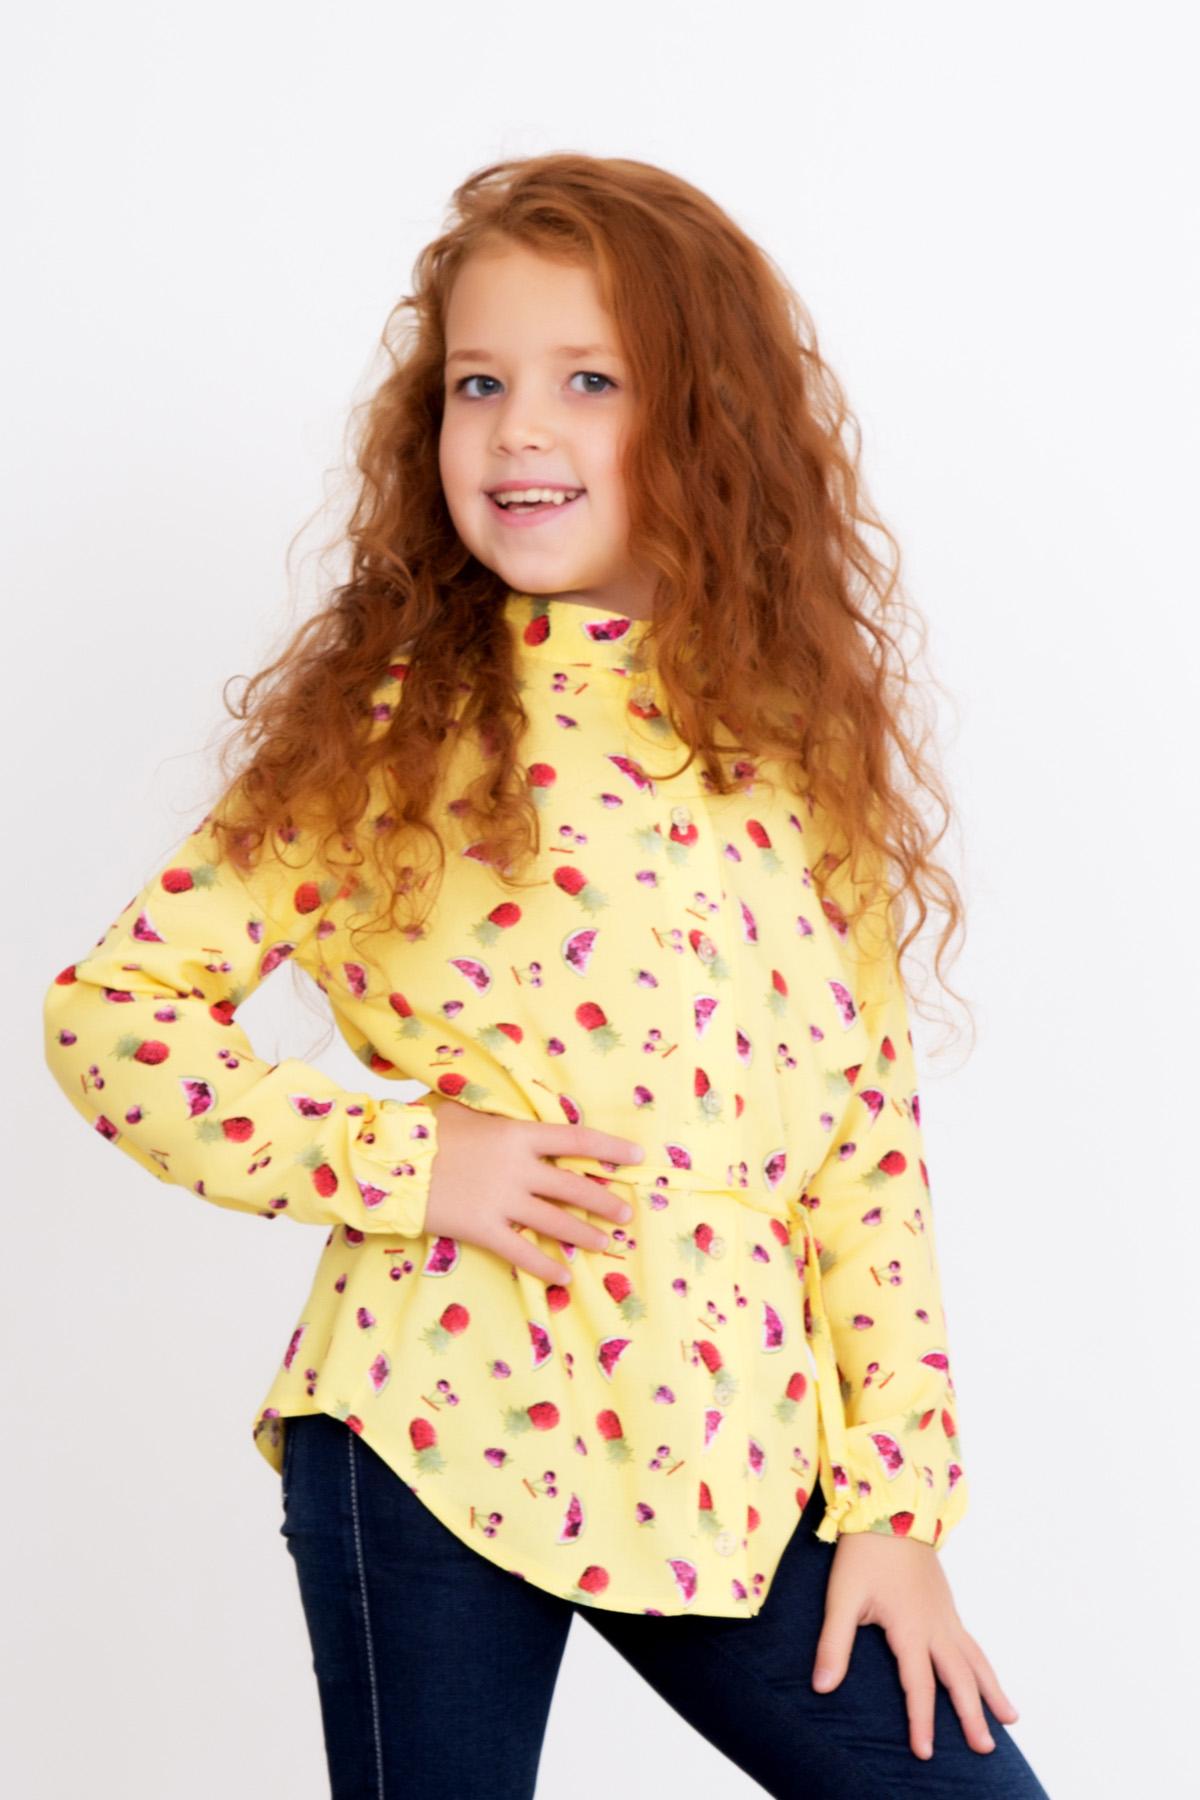 Дет. рубашка Леся р. 32Распродажа<br><br><br>Тип: Дет. рубашка<br>Размер: 32<br>Материал: Штапель